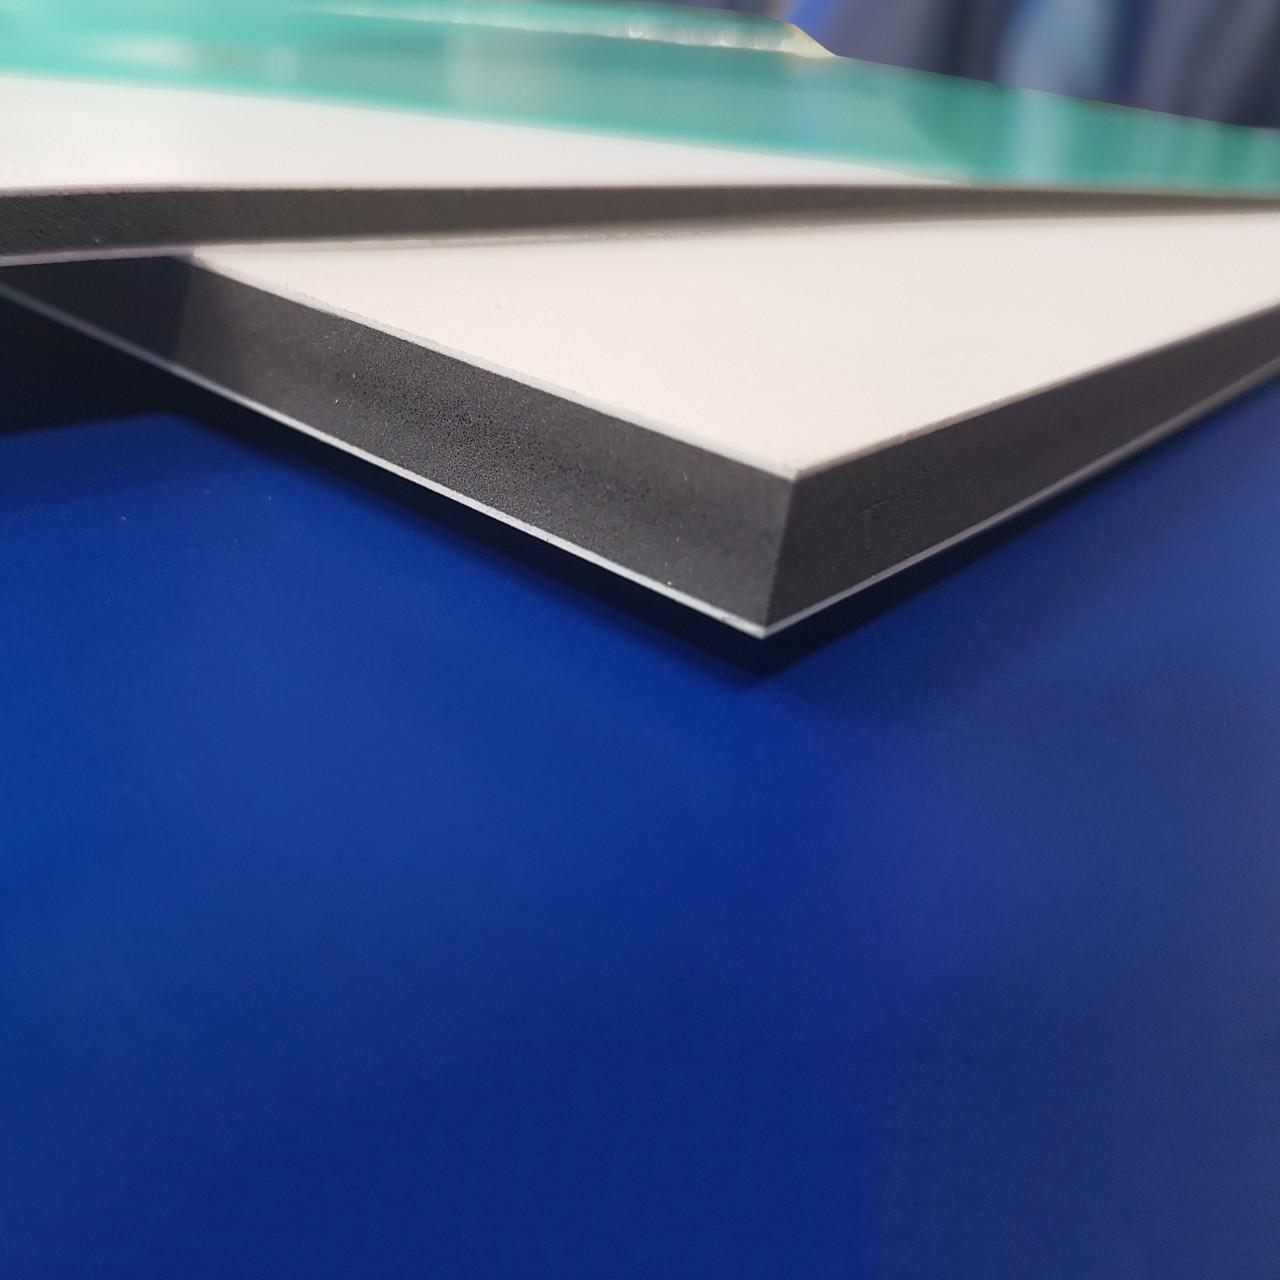 Foamlite-Platten |1010 x 775 mm